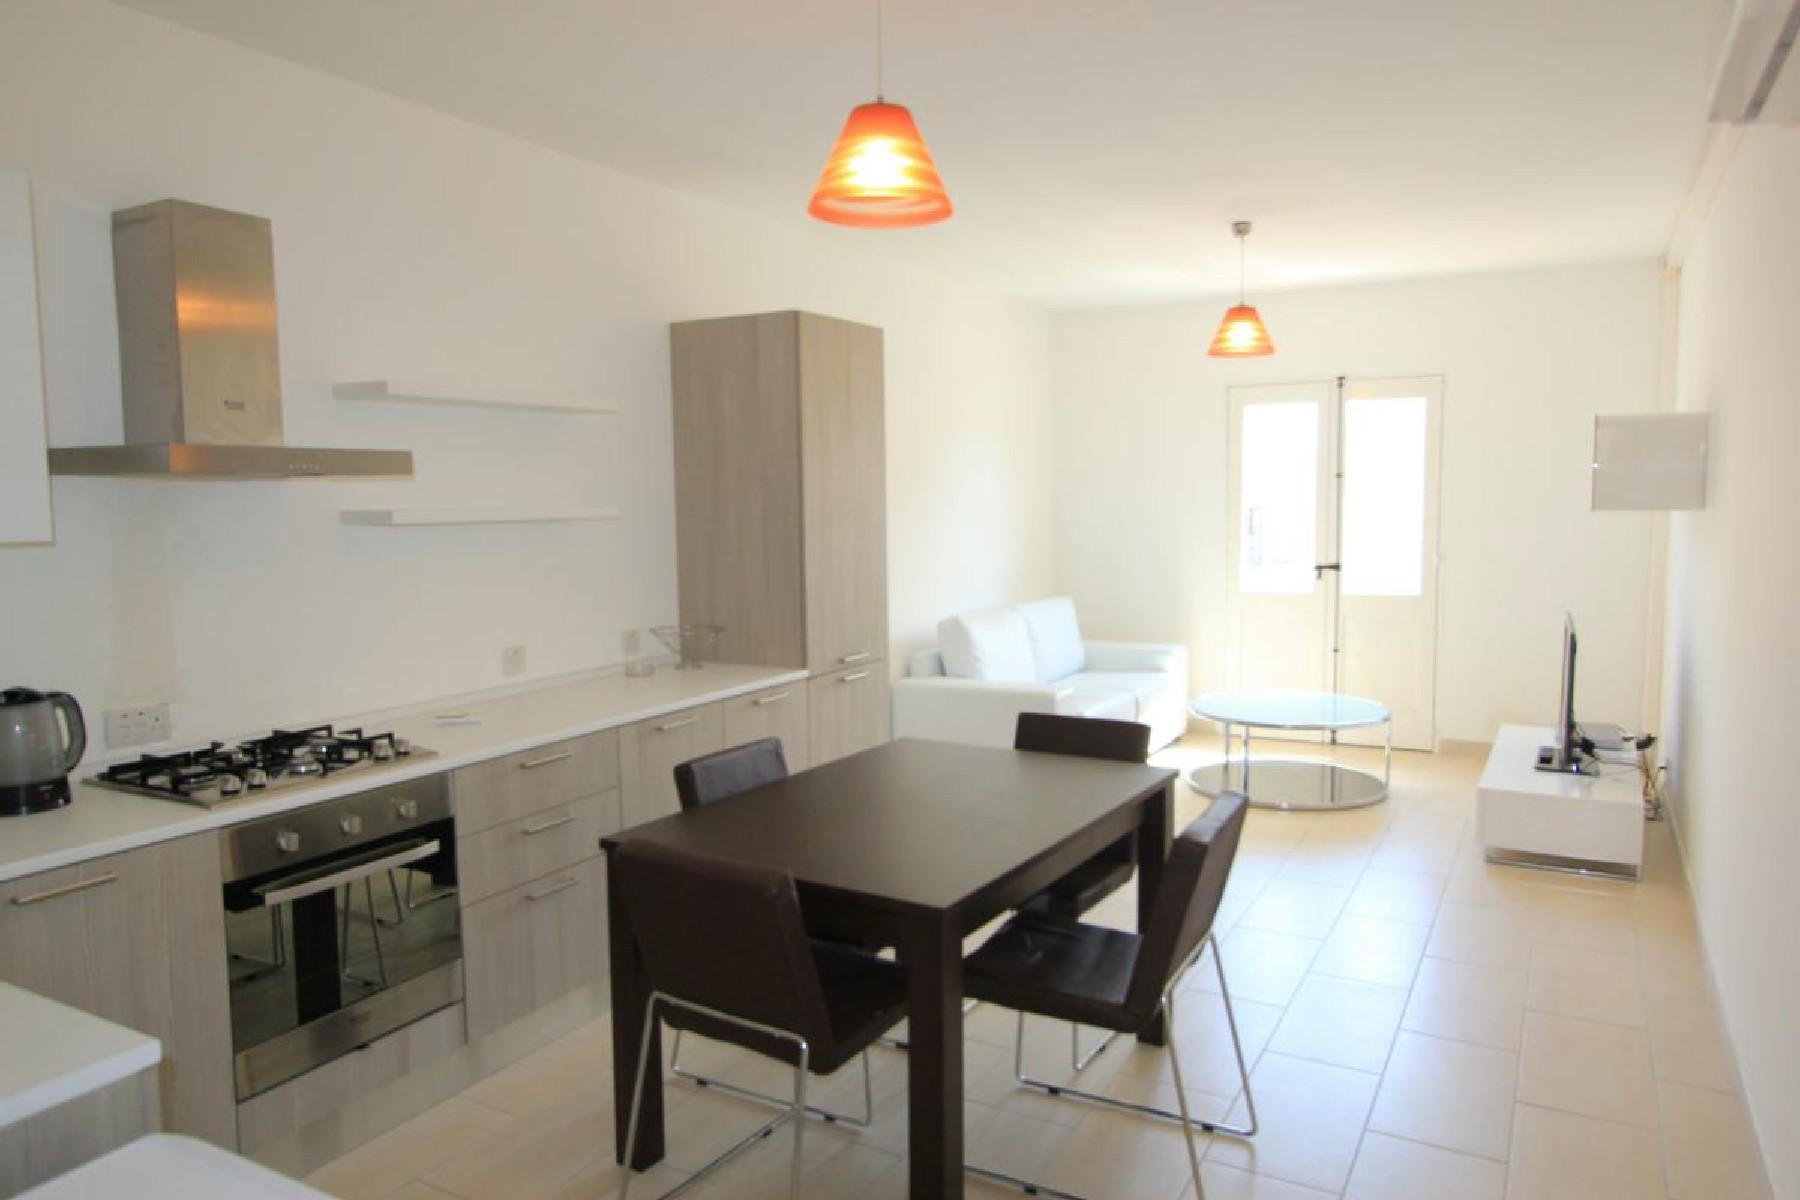 Apartment for Rent at Modern Apartment Gzira, Malta Malta